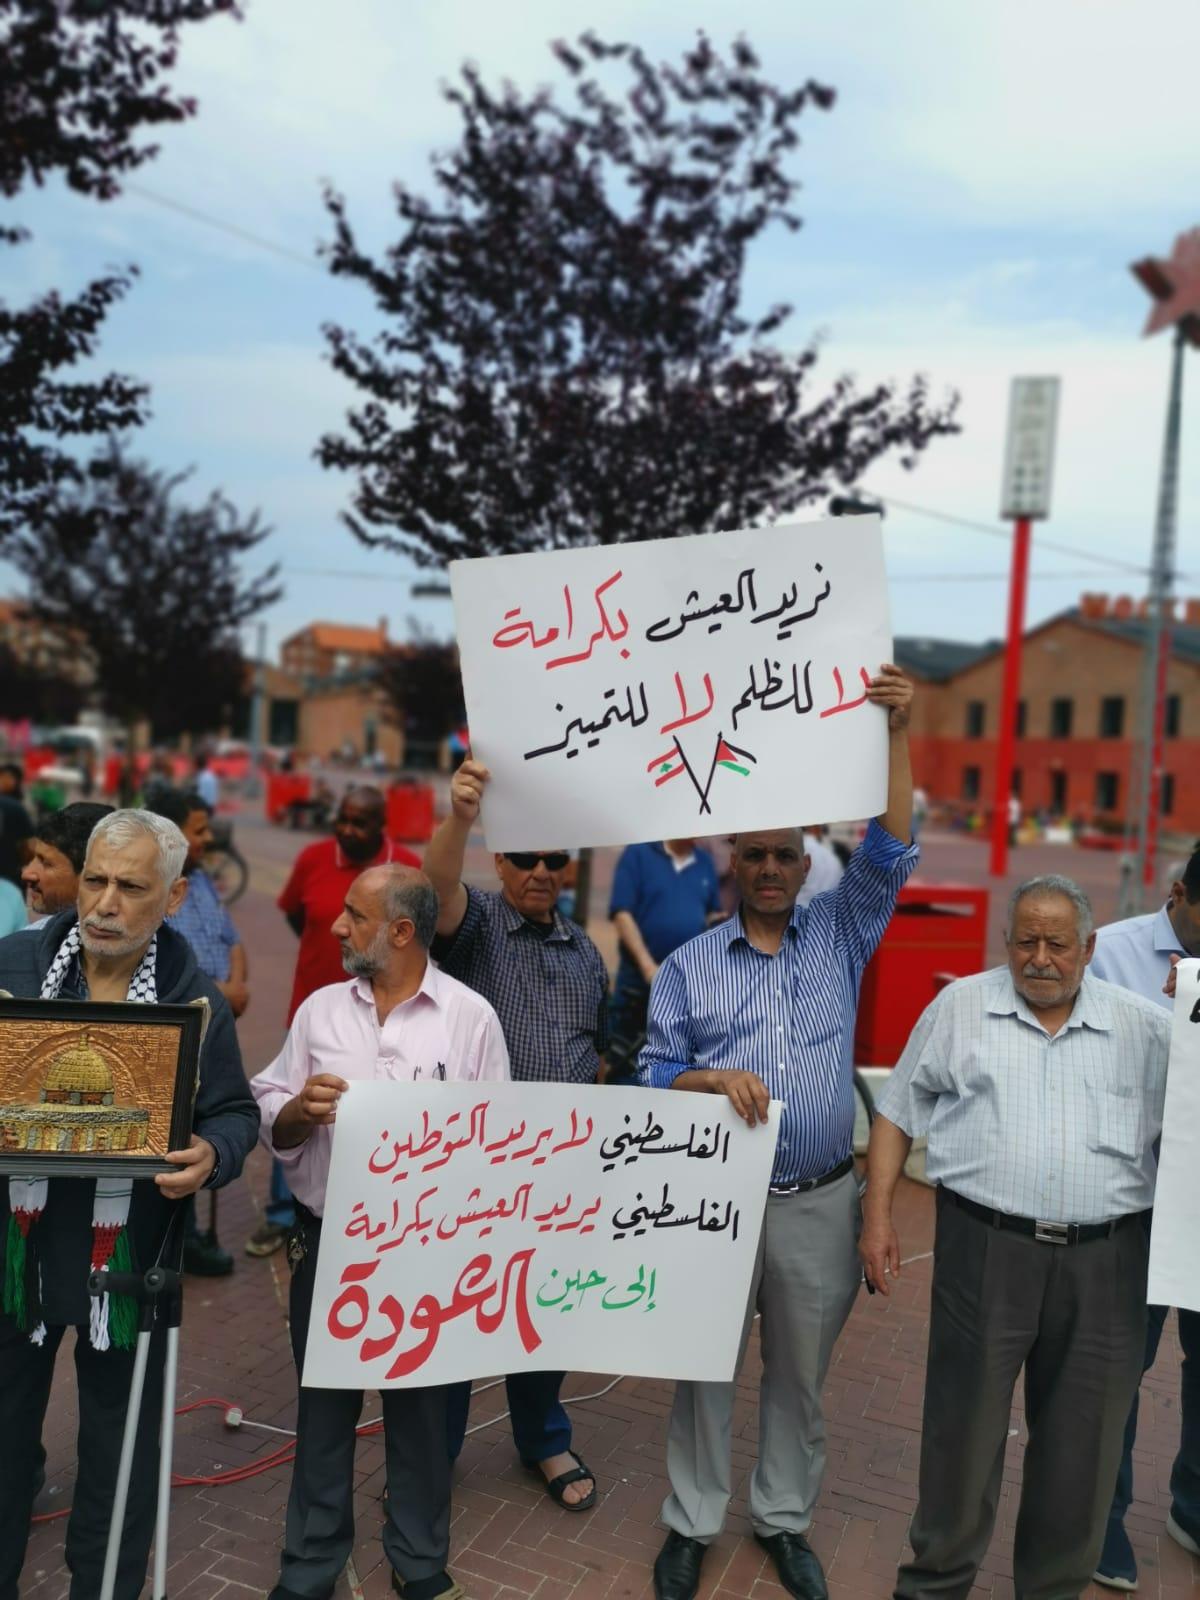 الدنمارك: وقفة تضامنية مع اللاجئين الفلسطينيين في لبنان